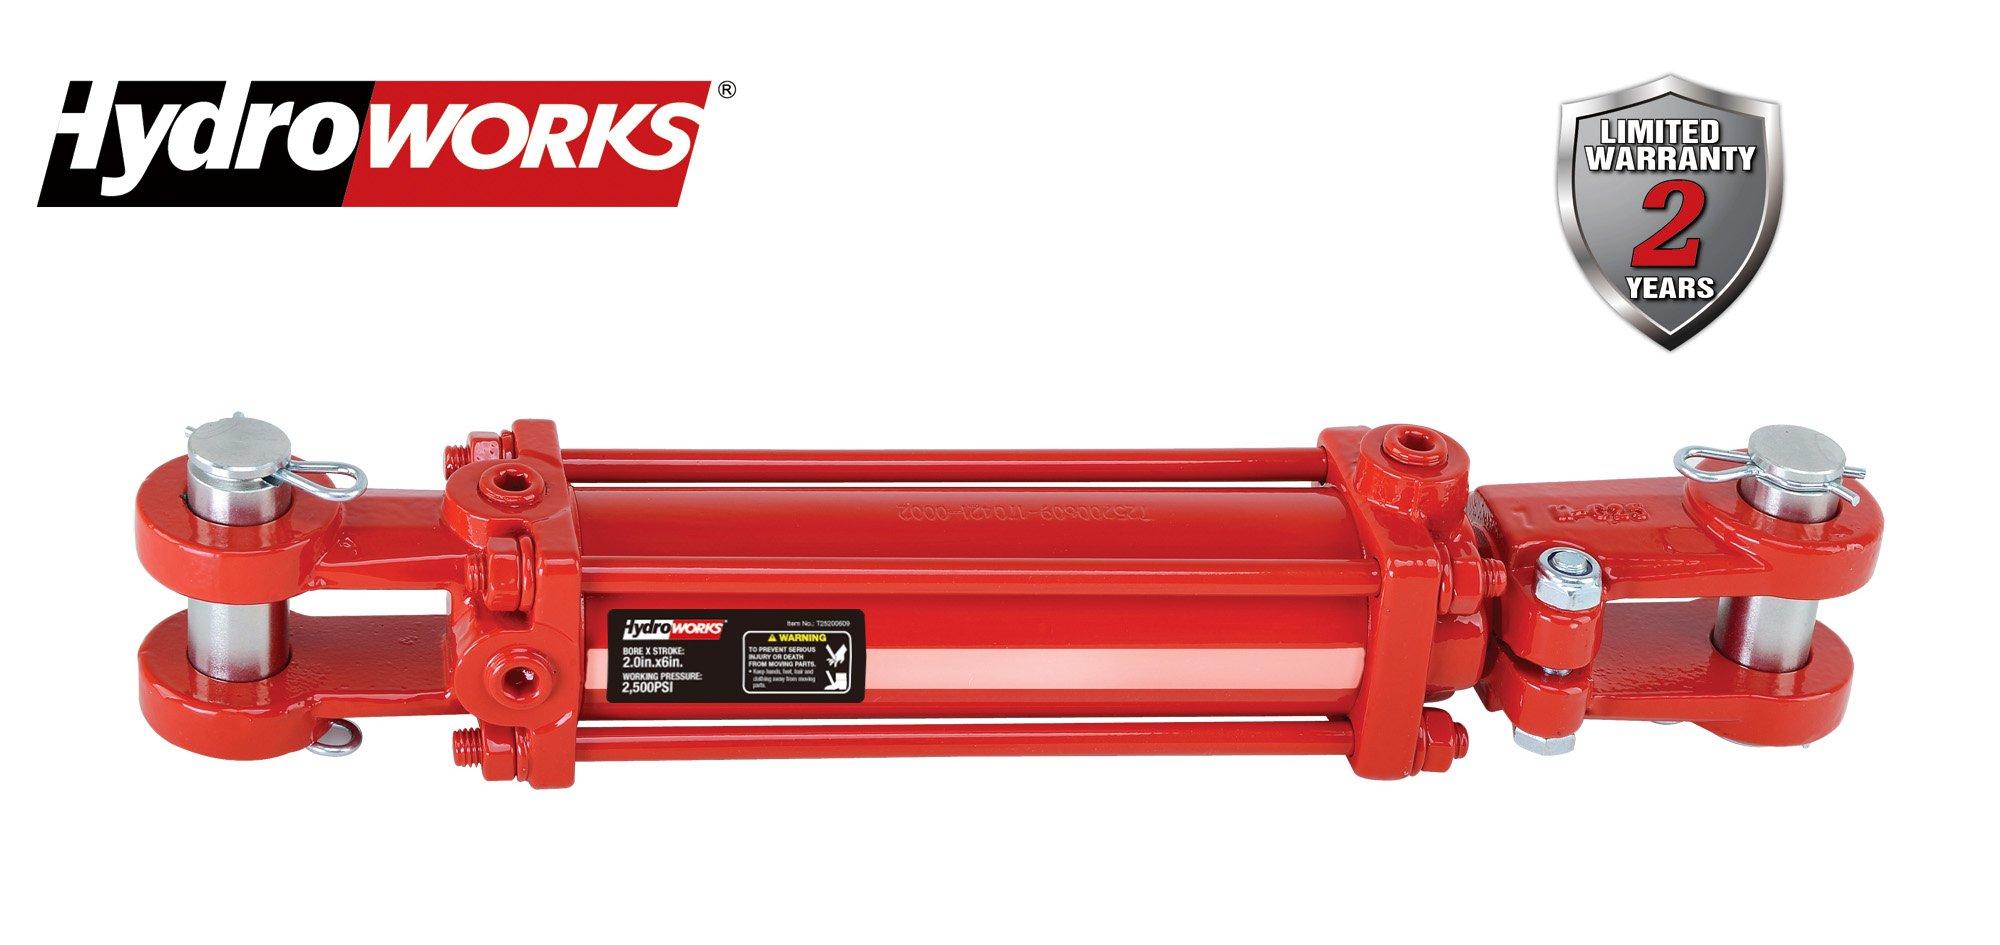 Koch Industries 4016813 Hydrolic Pin Hydraulic Cylinder Pin /& Clip 1-1//4-inch Diameter by 3-1//4-inch Length